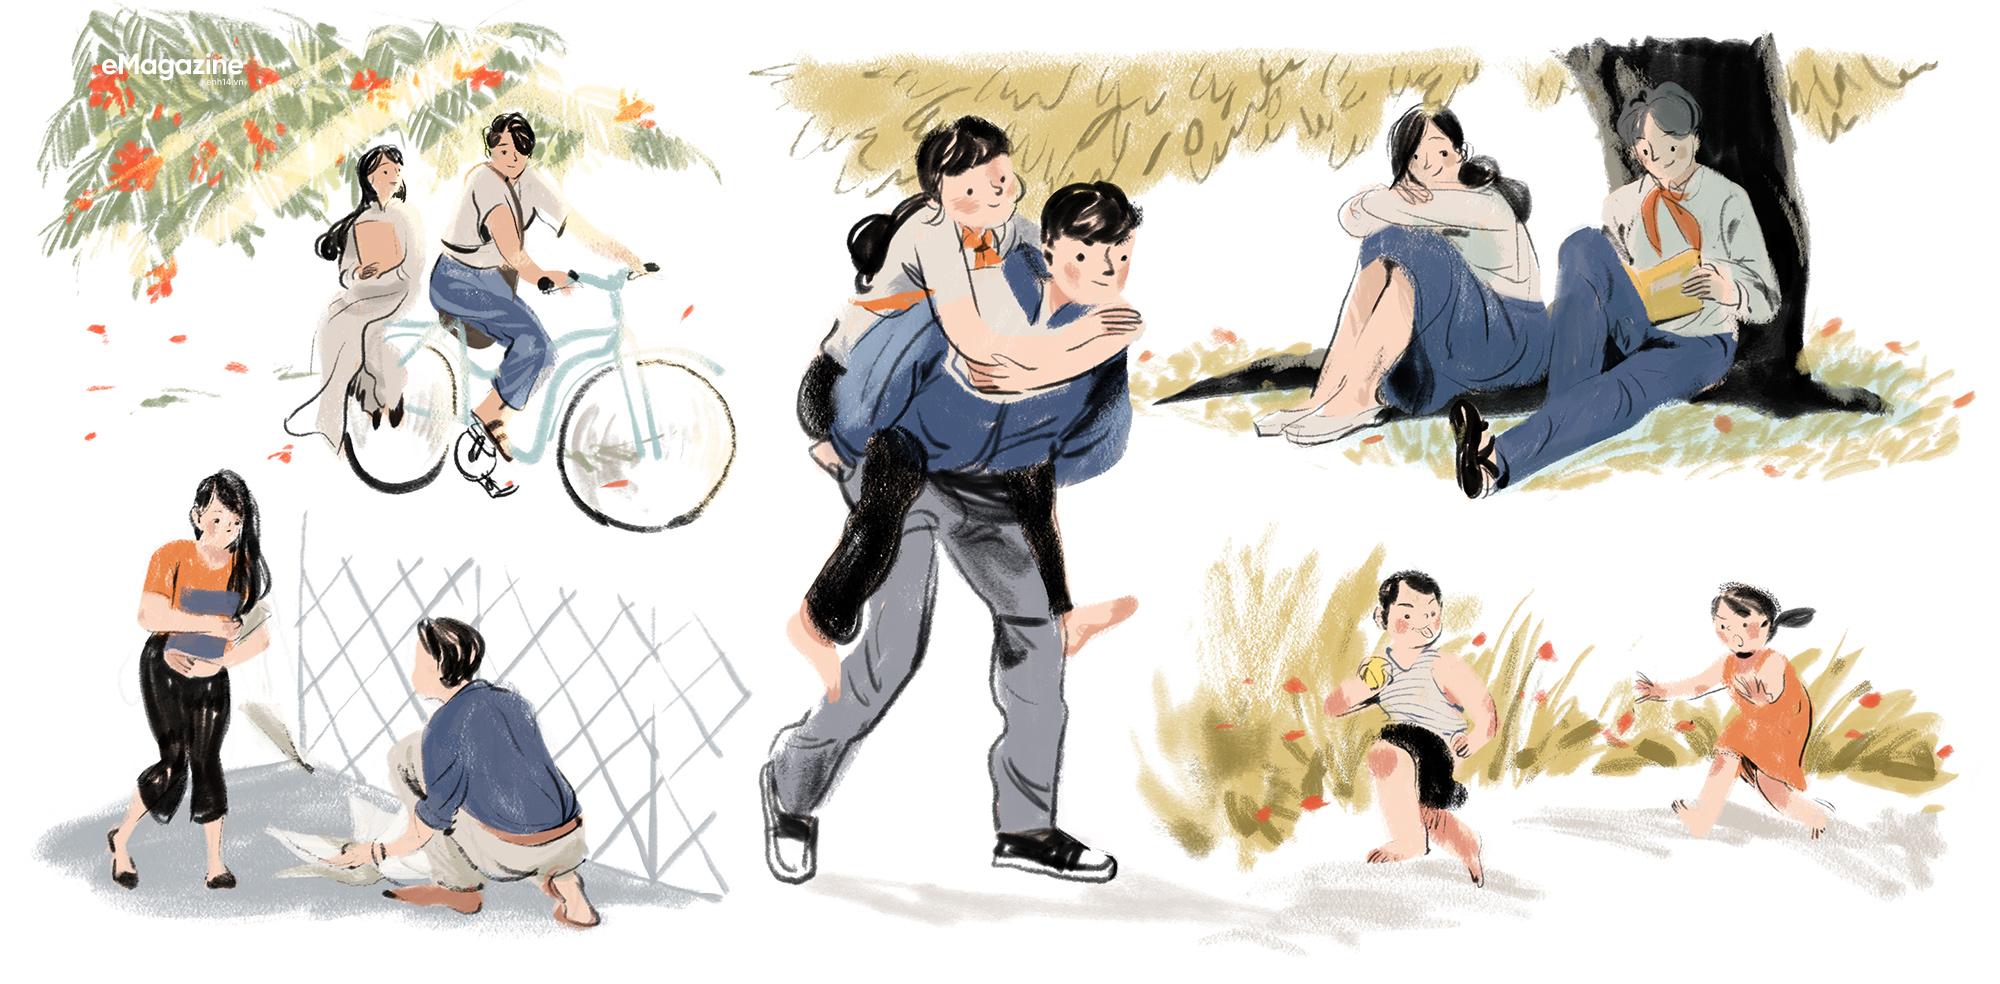 Gặp đúng người thì hãy cưới liền tay, đừng trì hoãn vì cái lí do sớm muộn! - Ảnh 13.